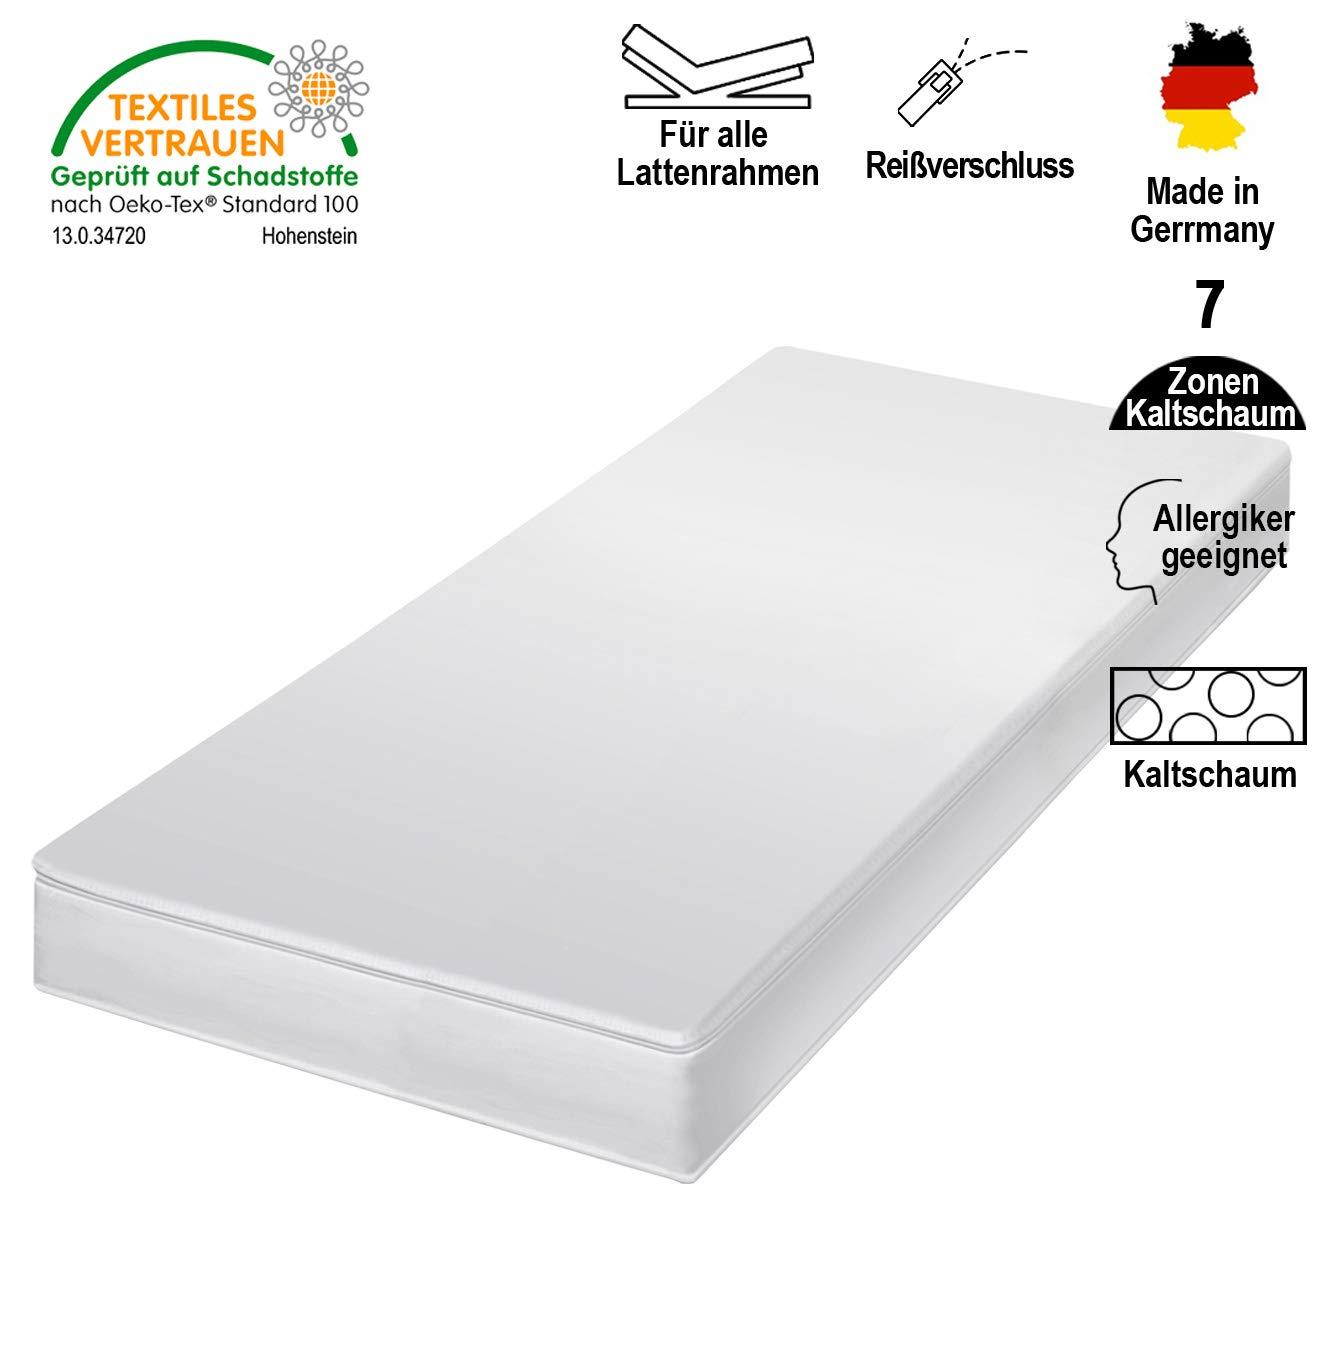 Cpt hydrovital Kaltschaummatratze - 7 Zonen Matratze - Härtegrad H2 H3 - Rollmatratze - Made IN Germany (120 x 200 x 12 cm, H3)